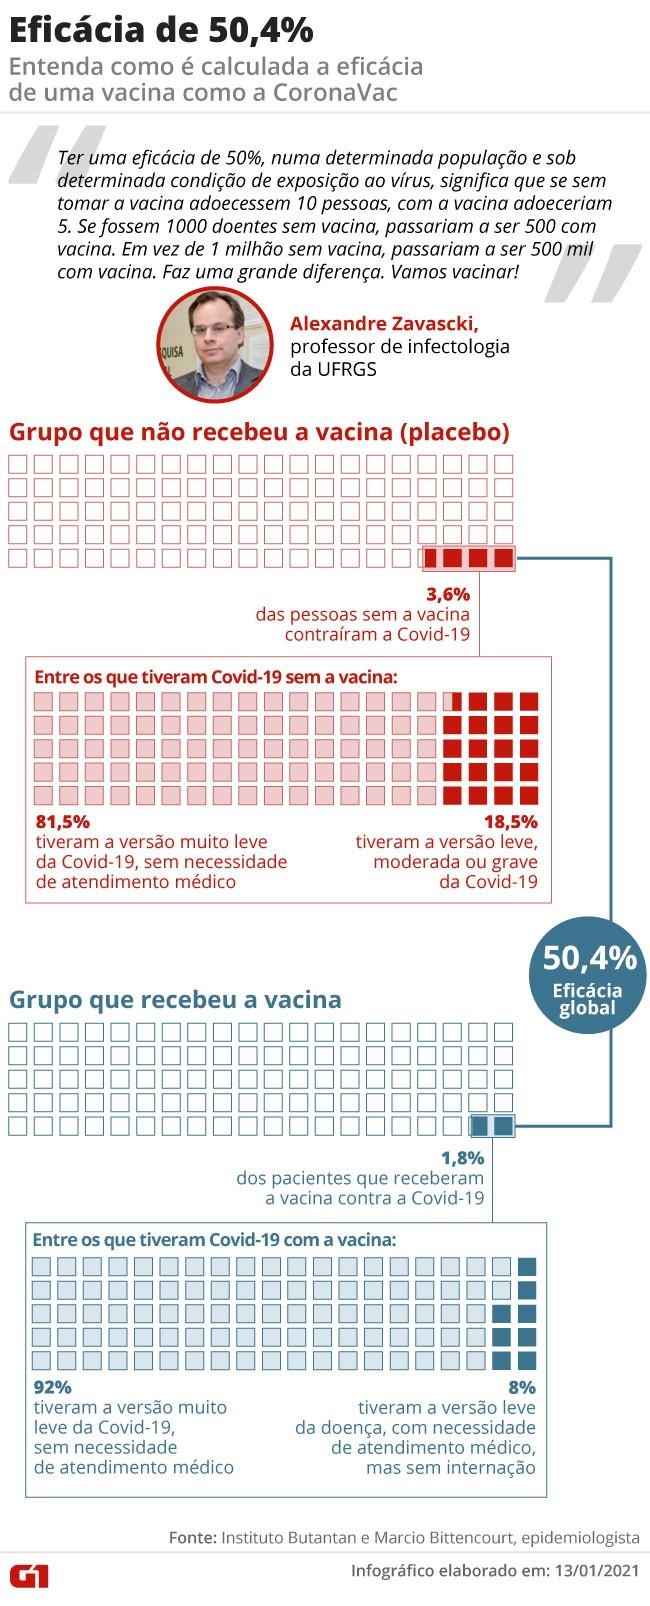 Vacina 'não está comprovada cientificamente', diz Bolsonaro, contrariando o que disse a Anvisa e as provas obtidas por cientistas